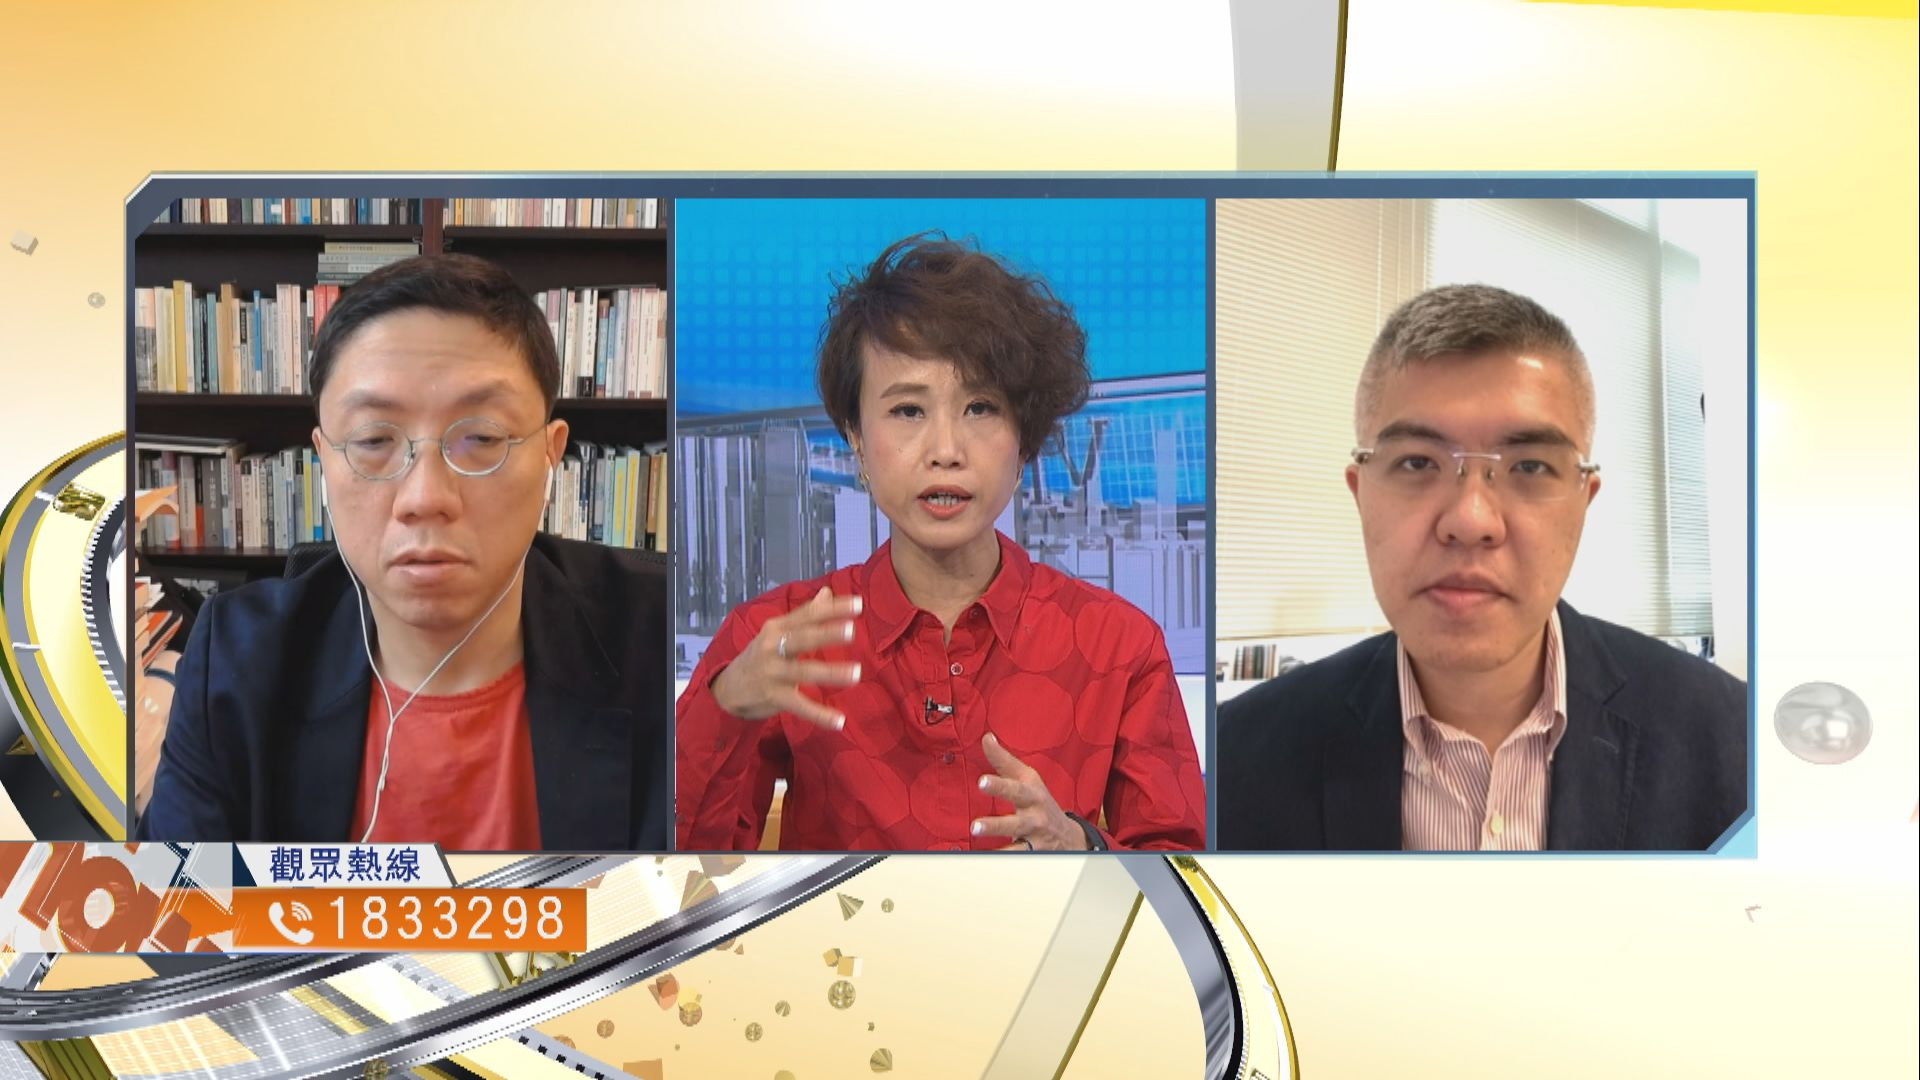 【時事全方位】撤換問責官員能否有效改善施政?(三)